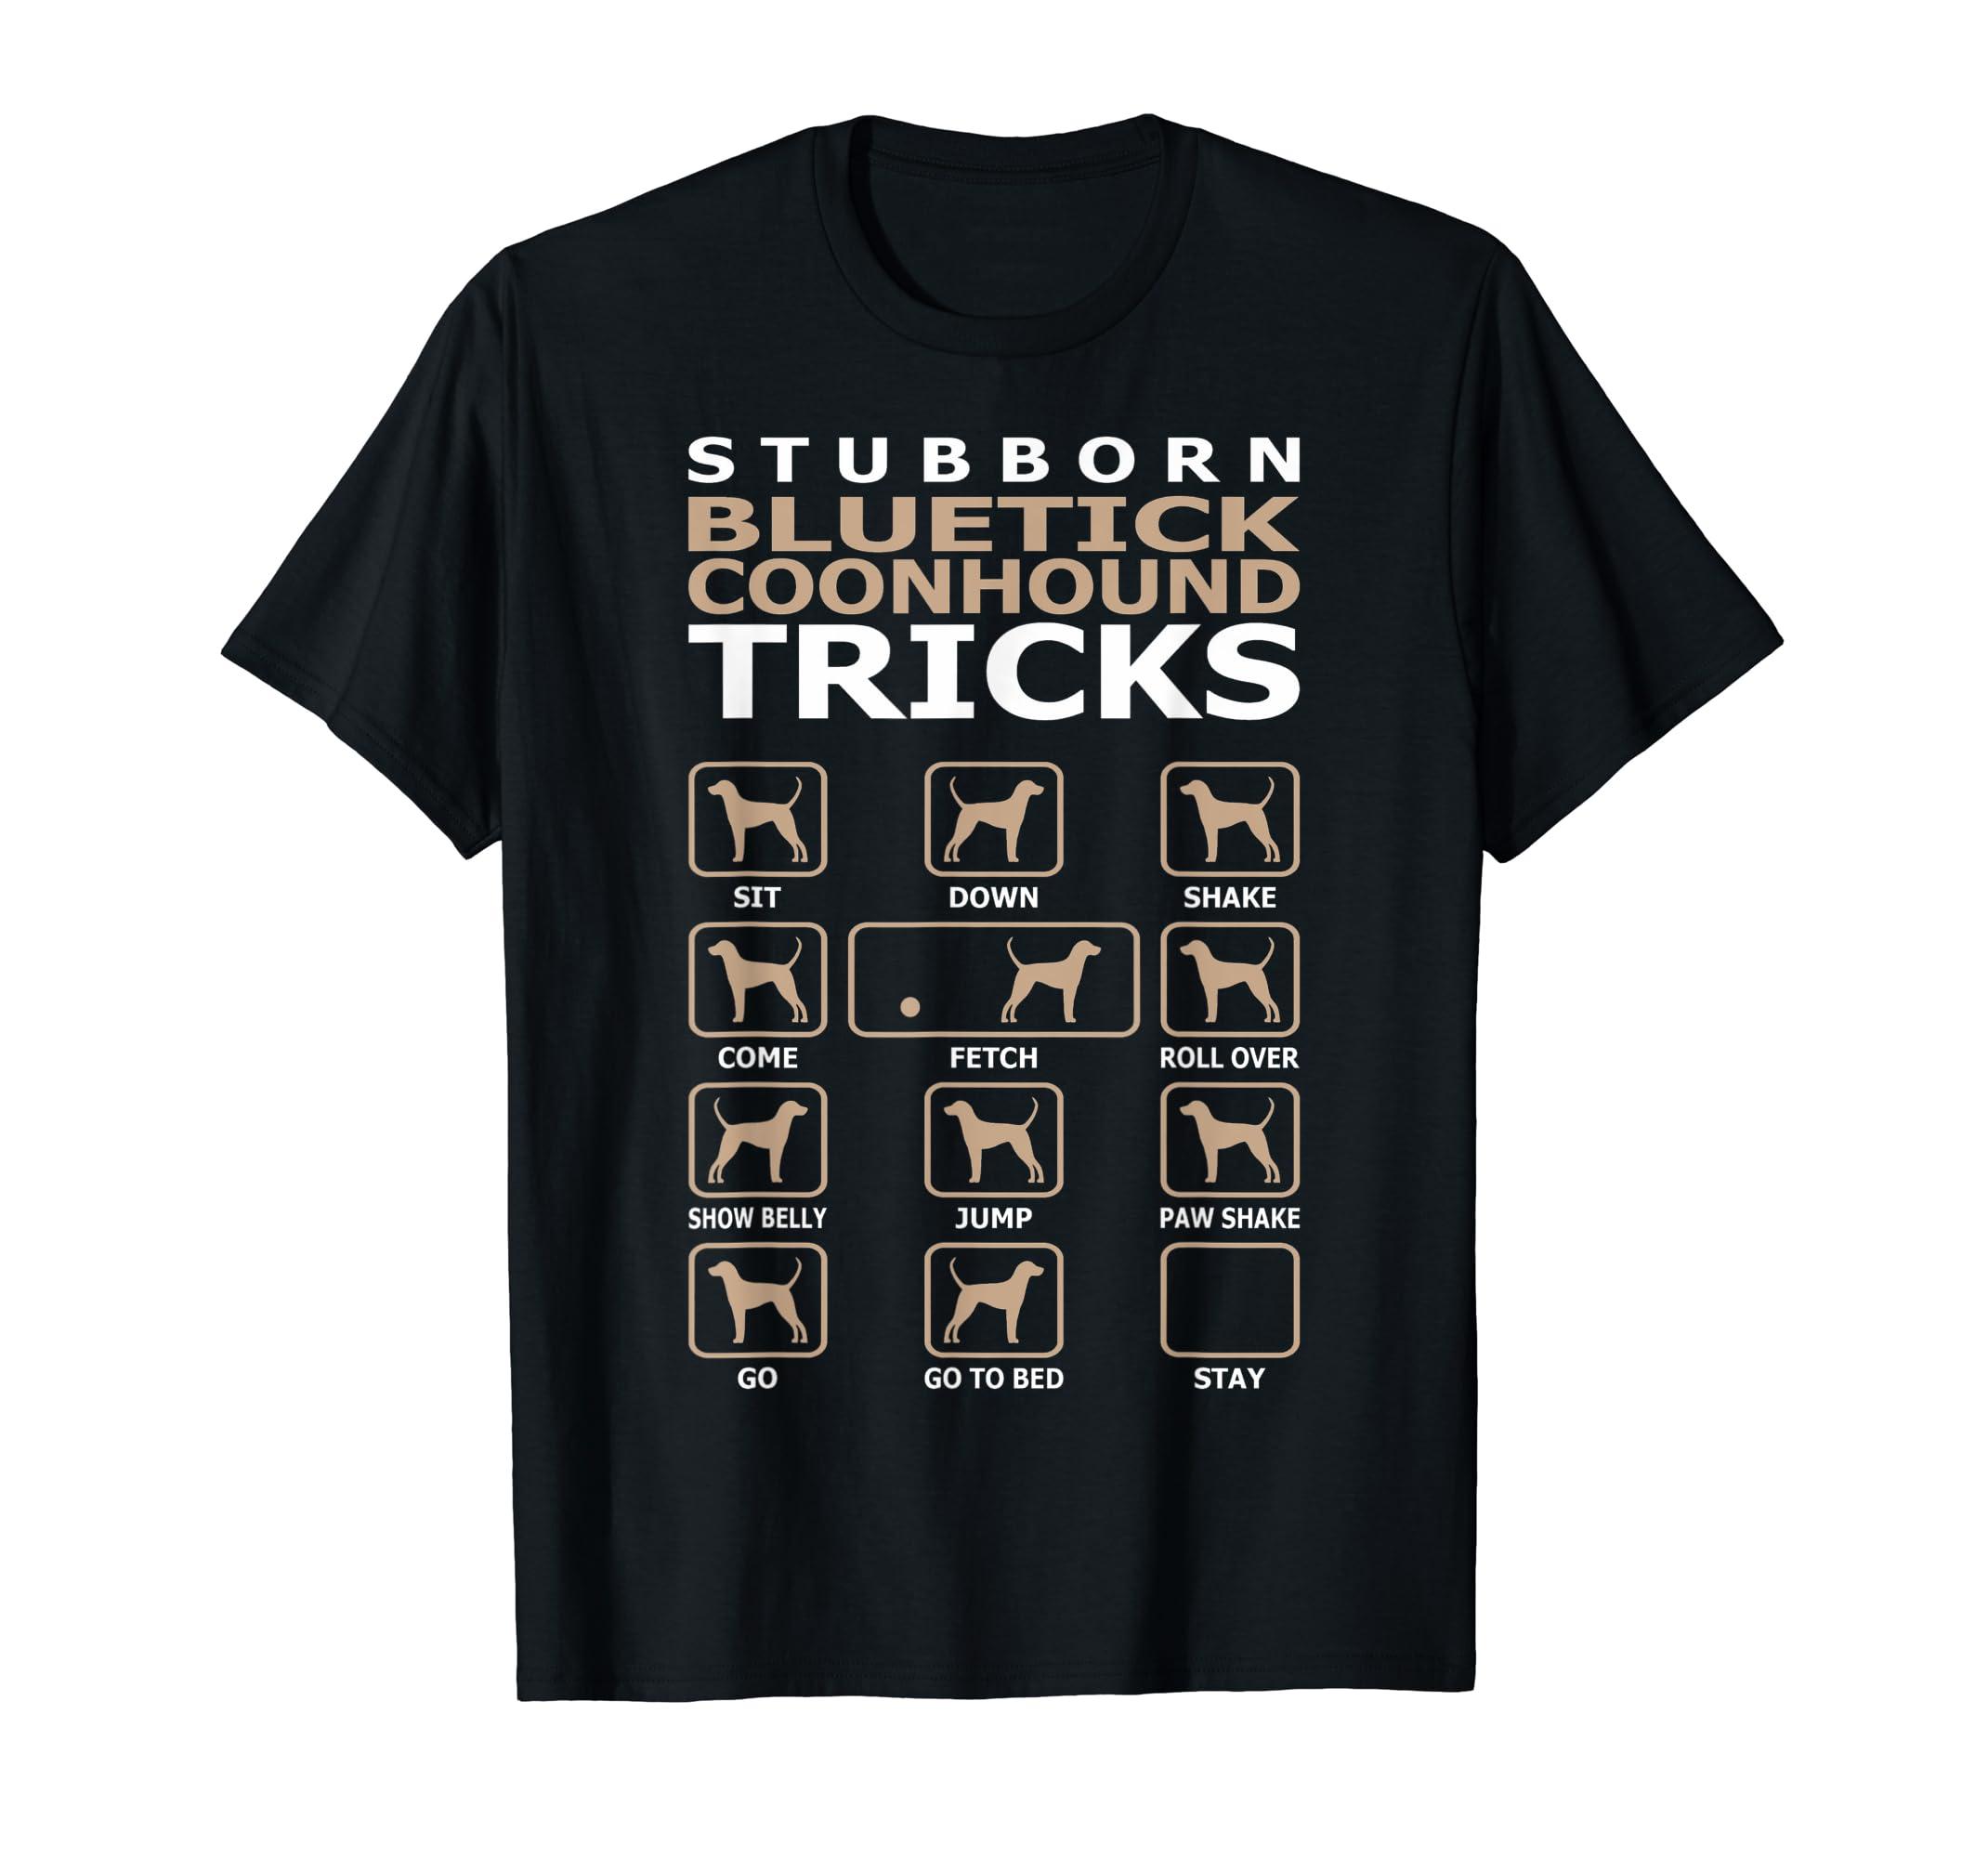 e019879f592 Amazon.com  STUBBORN BLUETICK - T SHIRT  Clothing